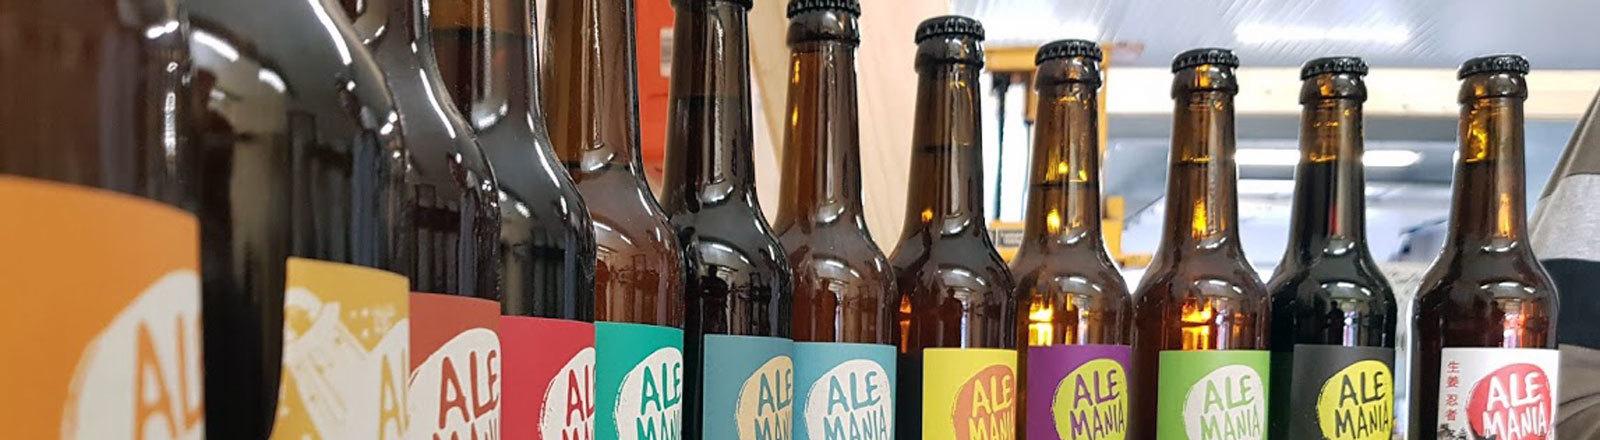 Das Craft-Beer von Ben Palmer